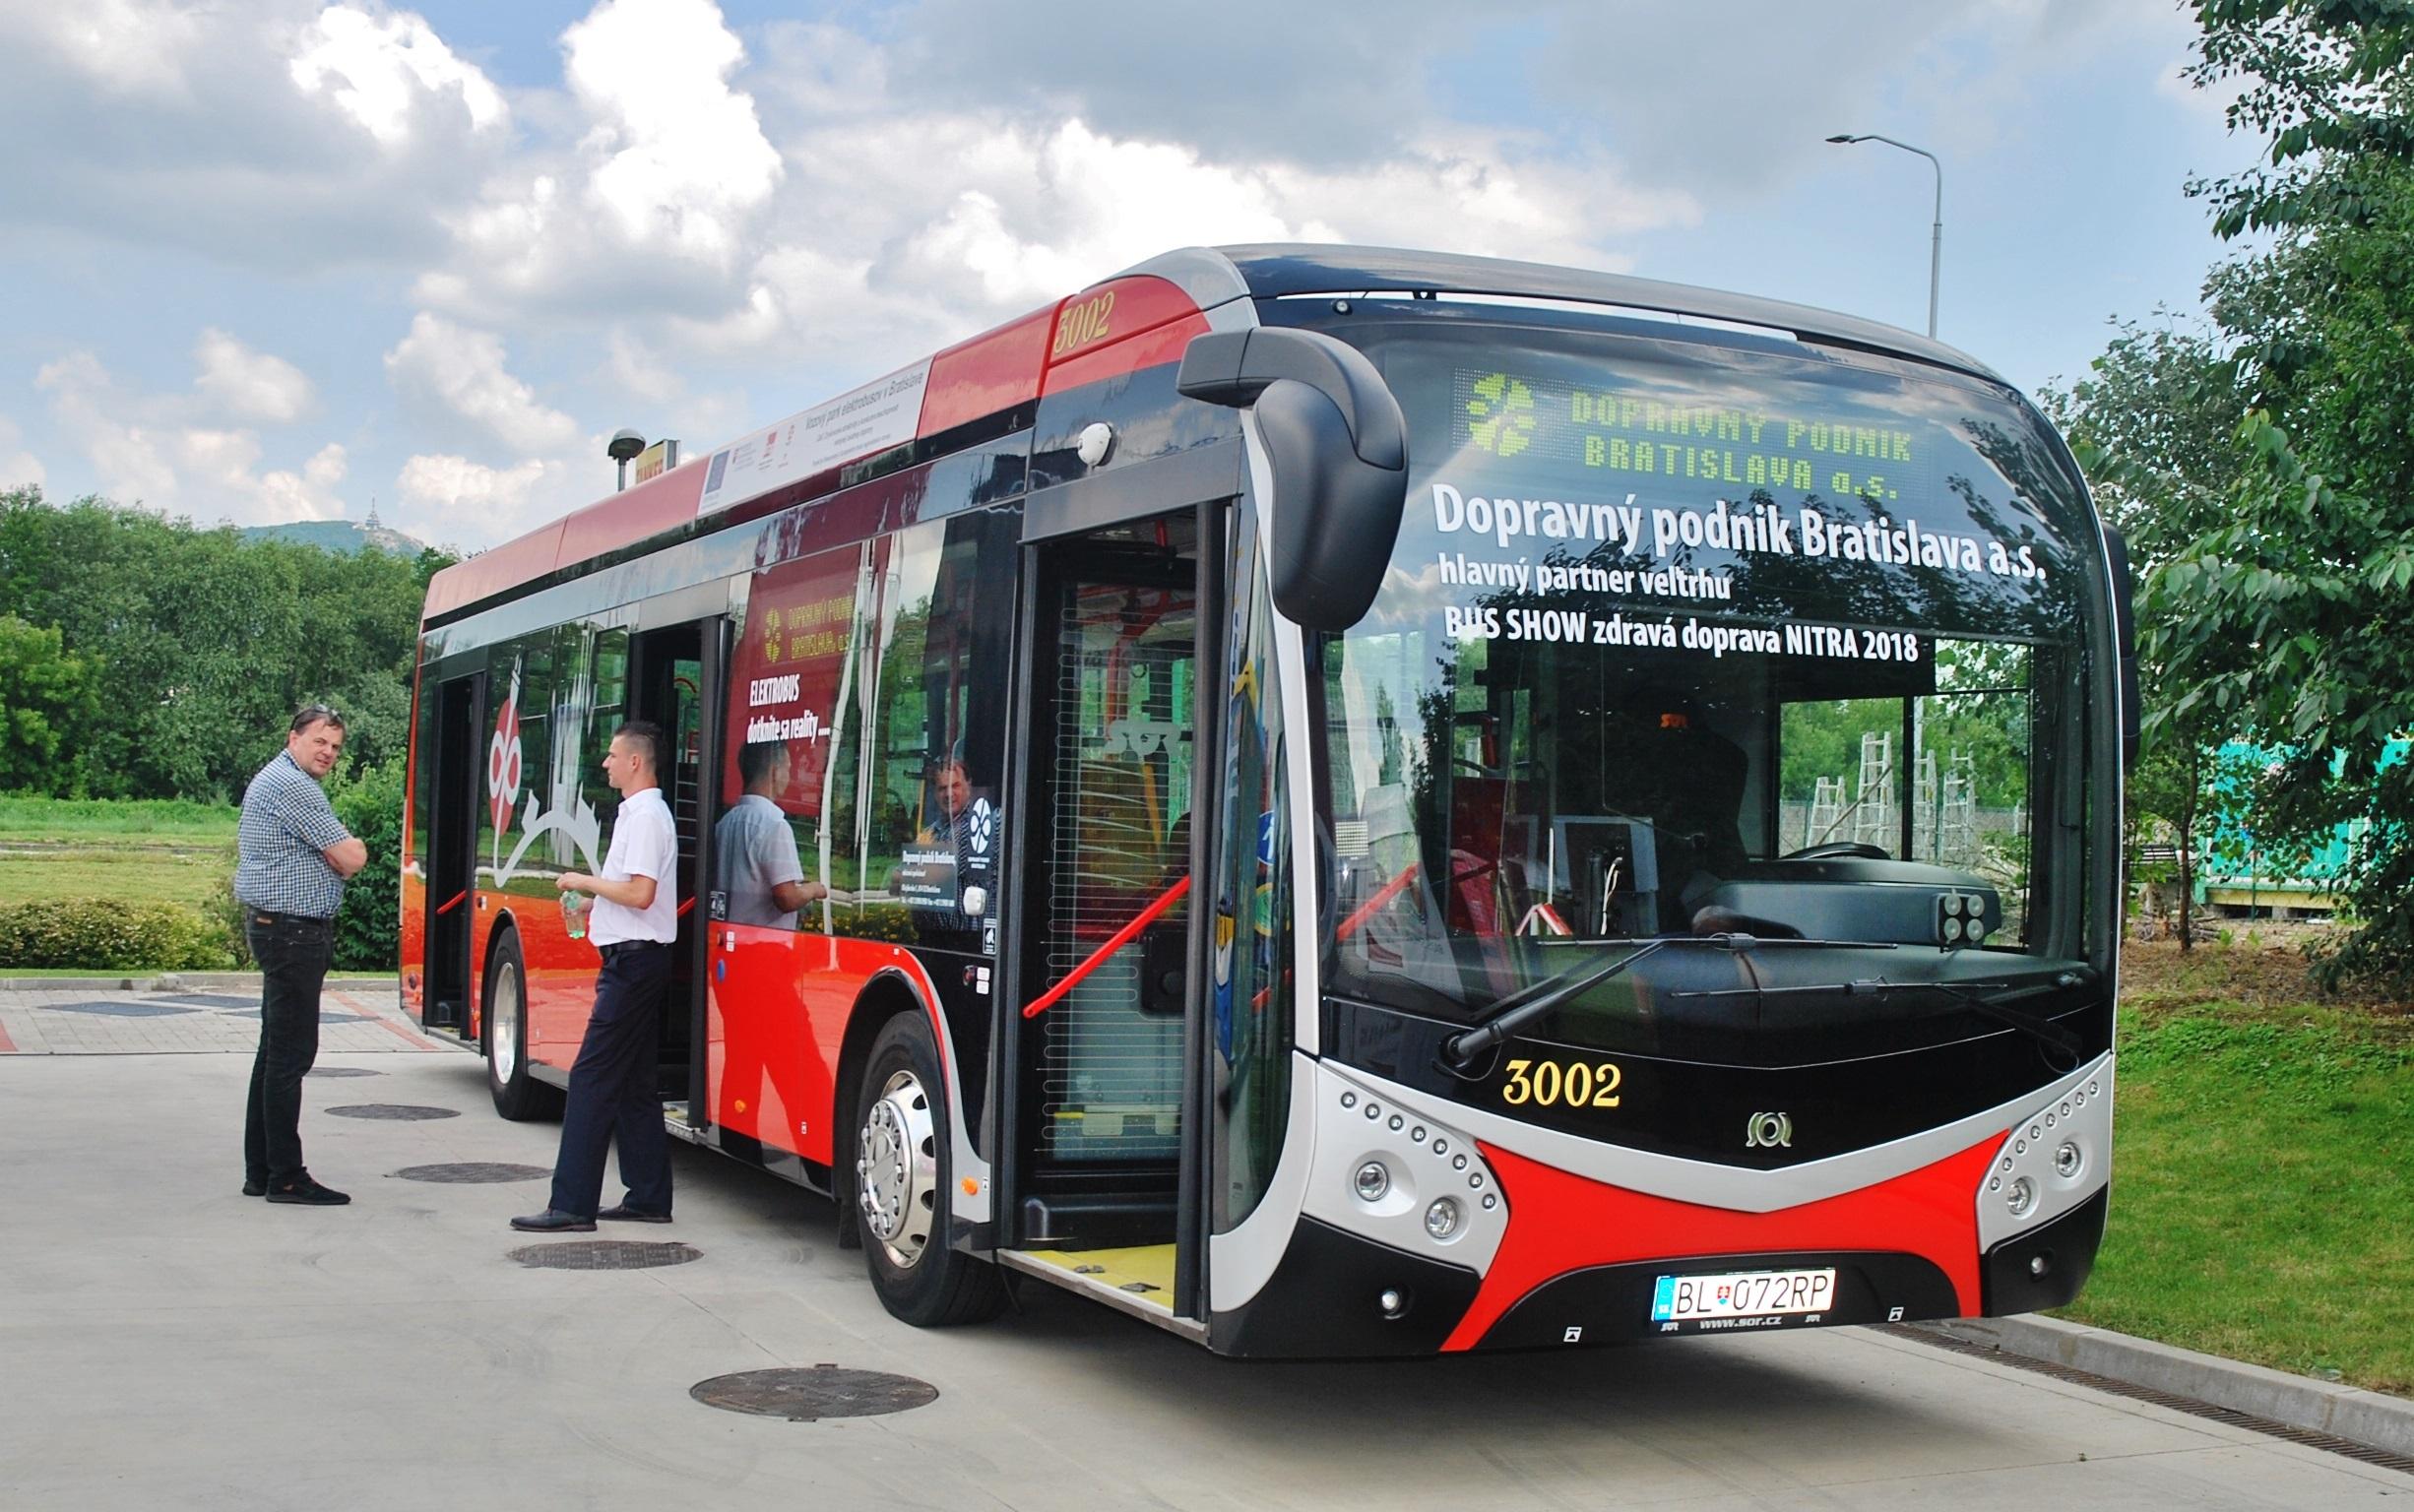 Elektrobus SOR dopravný podnik Bratislava na veľtrhu BUS SHOW zdravá doprava 2018 v Nitre (foto: Zdeněk Nesveda BusPress)